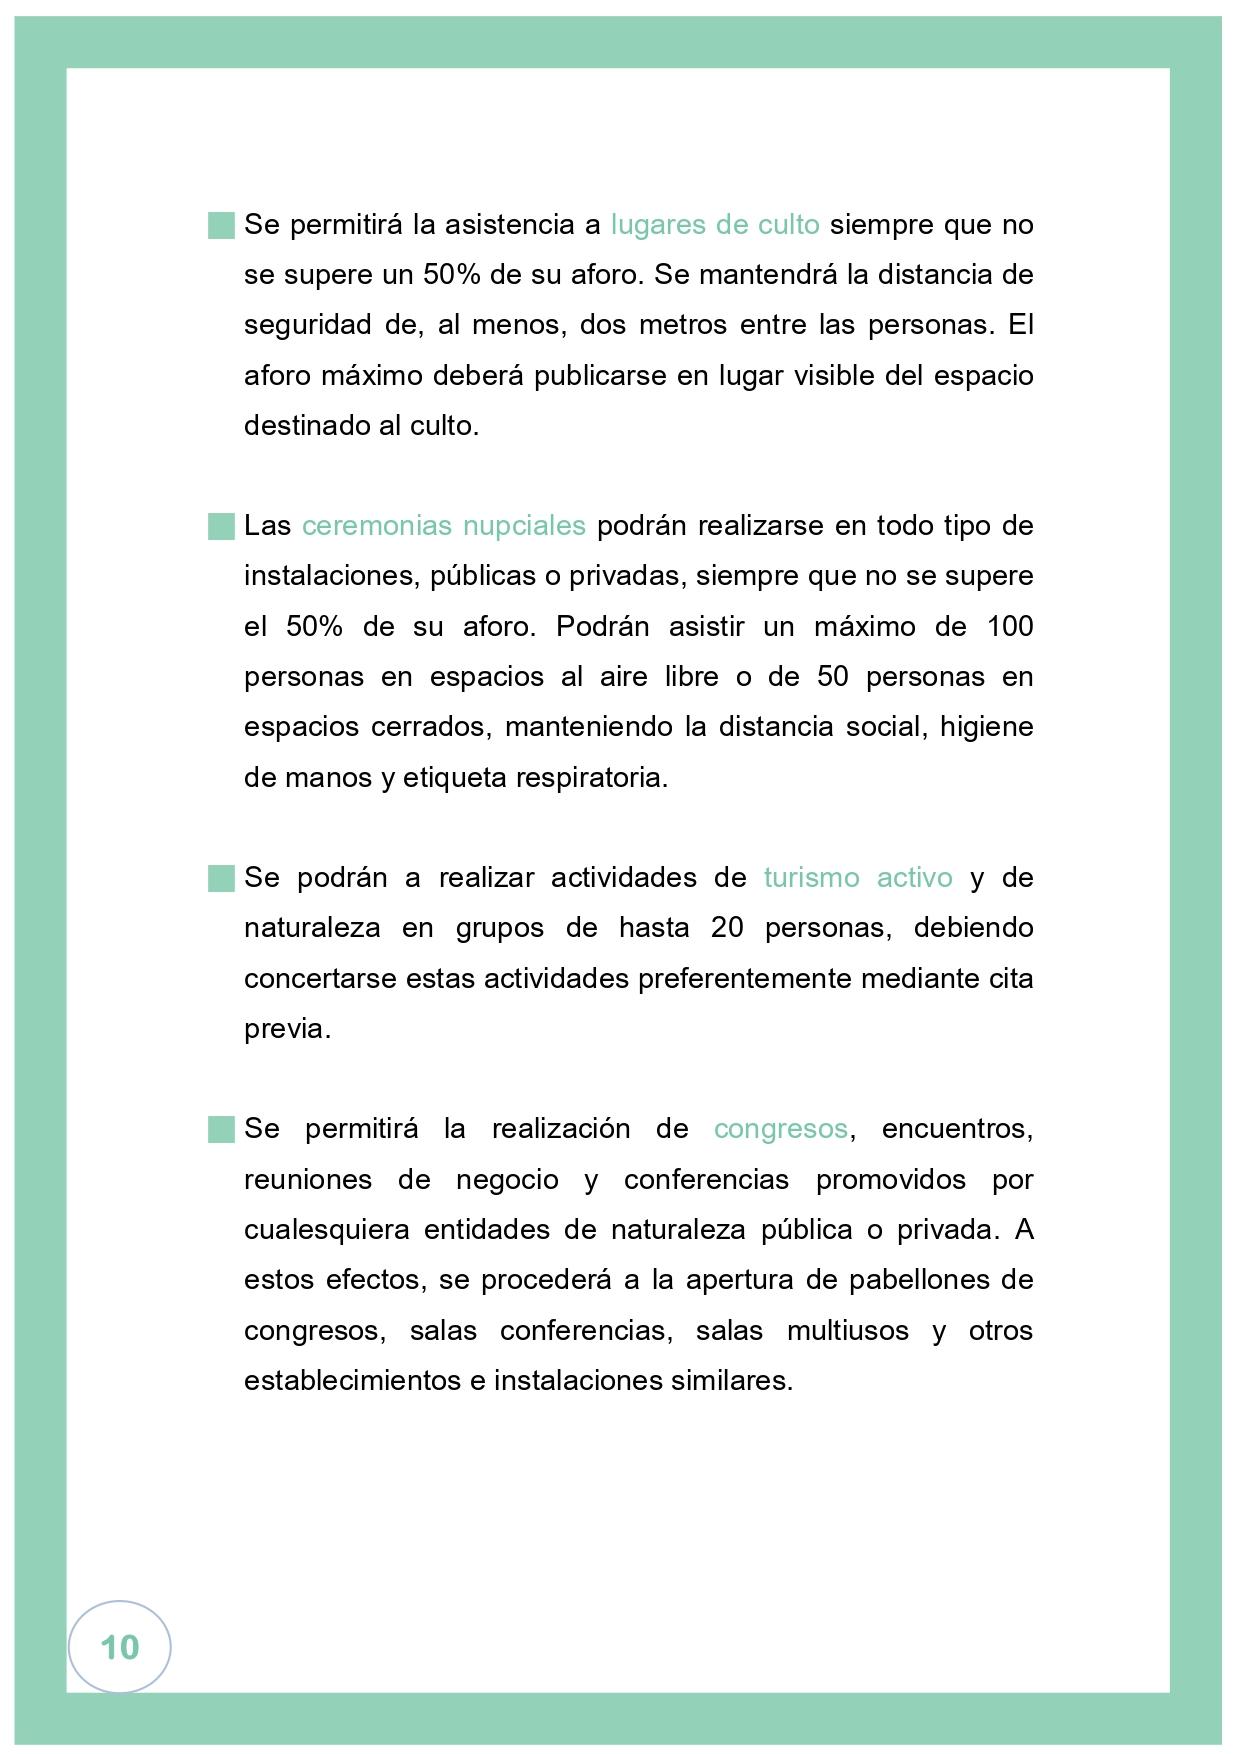 El gobierno oficializa que el Bierzo y Laciana pasan a la fase 2 el lunes 1 de junio 13